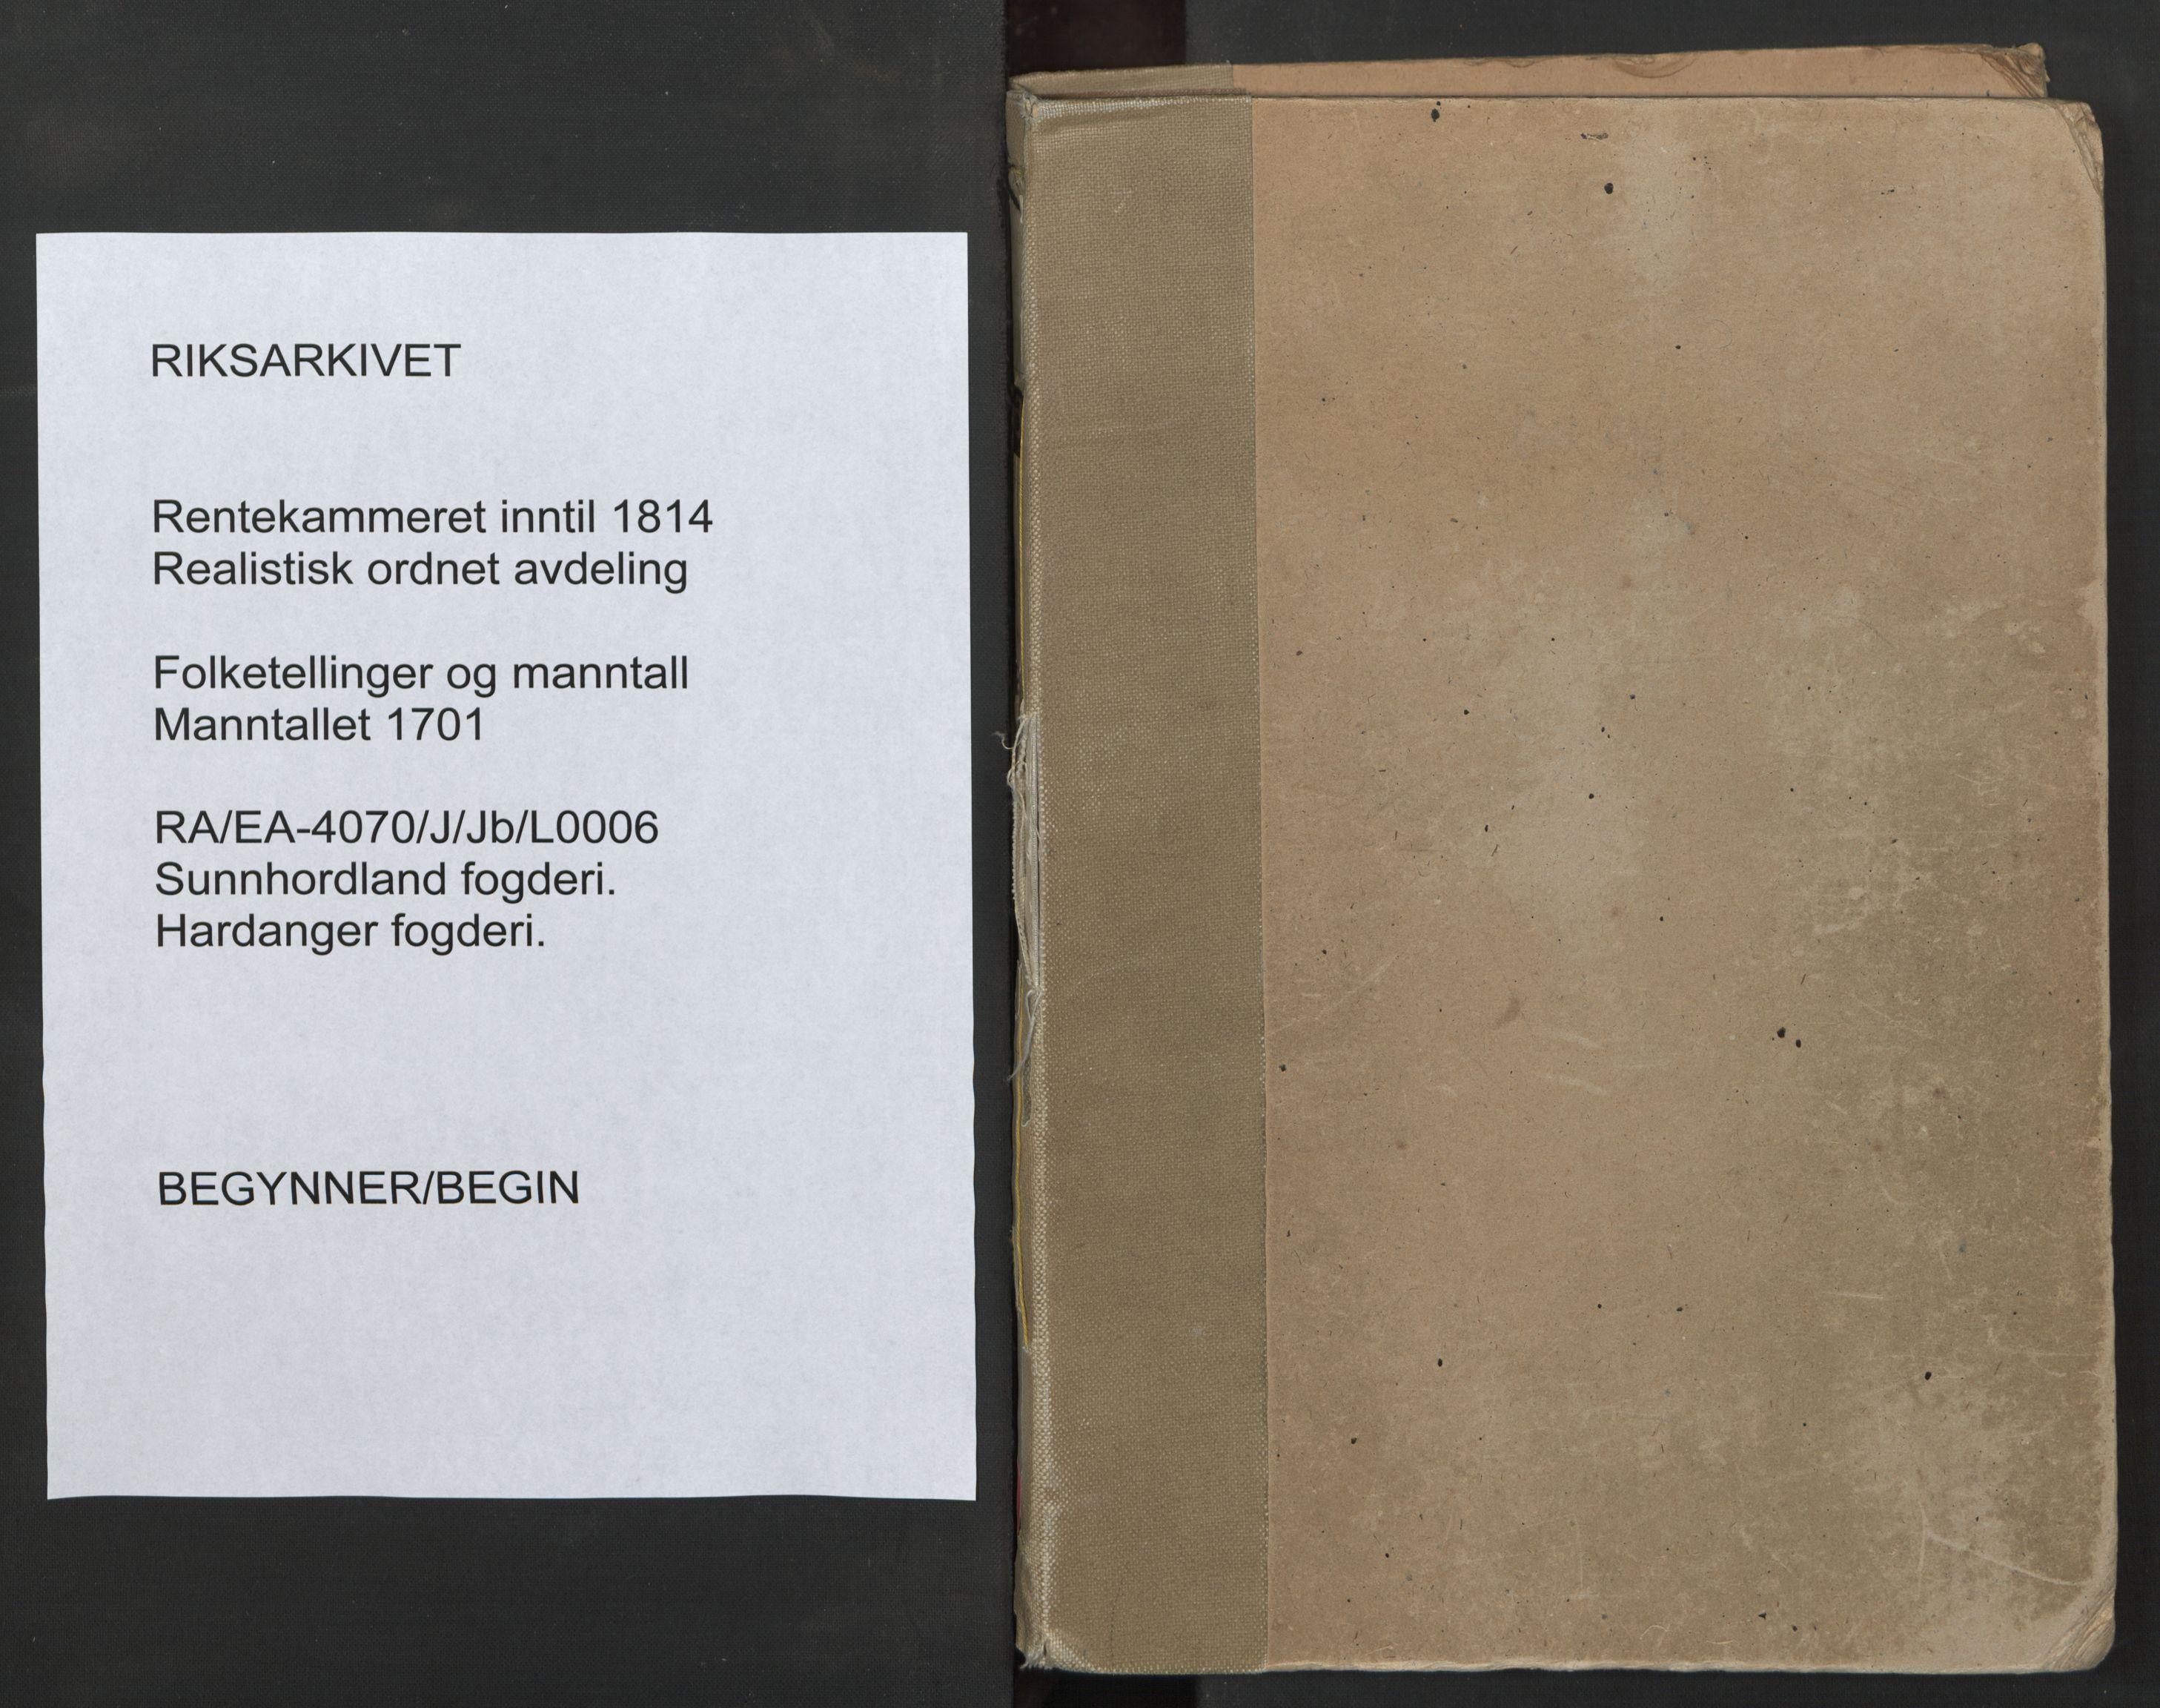 RA, Manntallet 1701, nr. 6: Sunnhordland fogderi og Hardanger fogderi, 1701